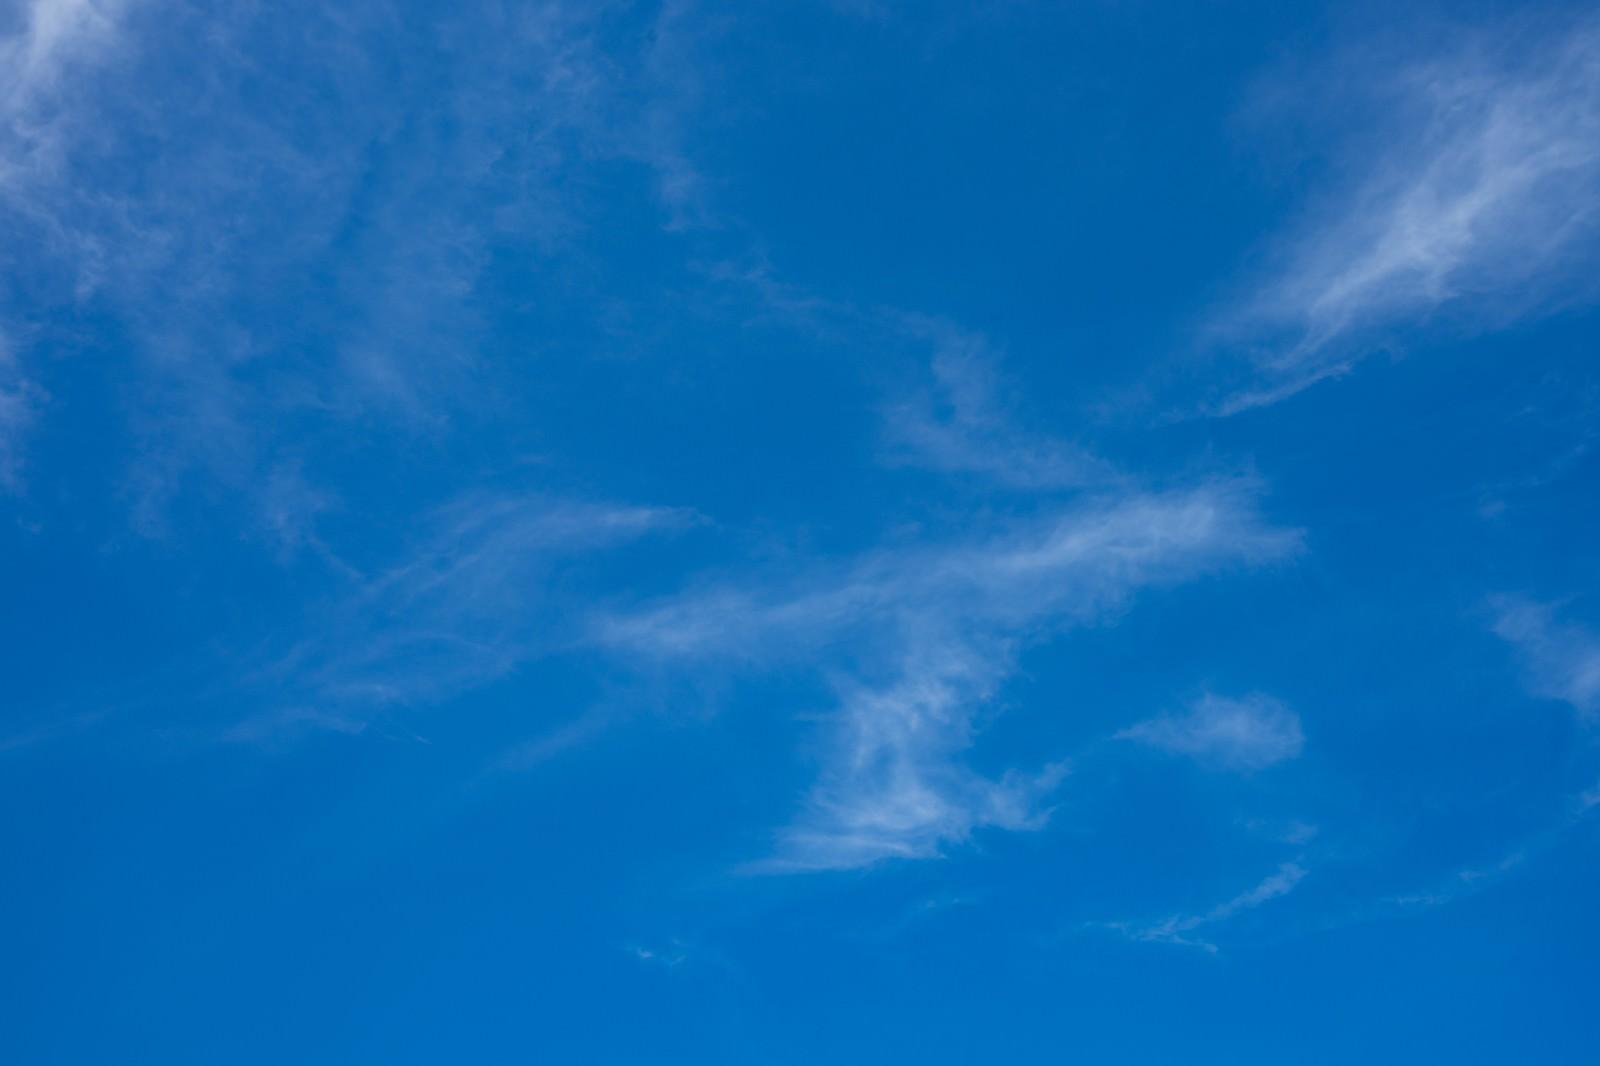 「青空と薄い雲青空と薄い雲」のフリー写真素材を拡大